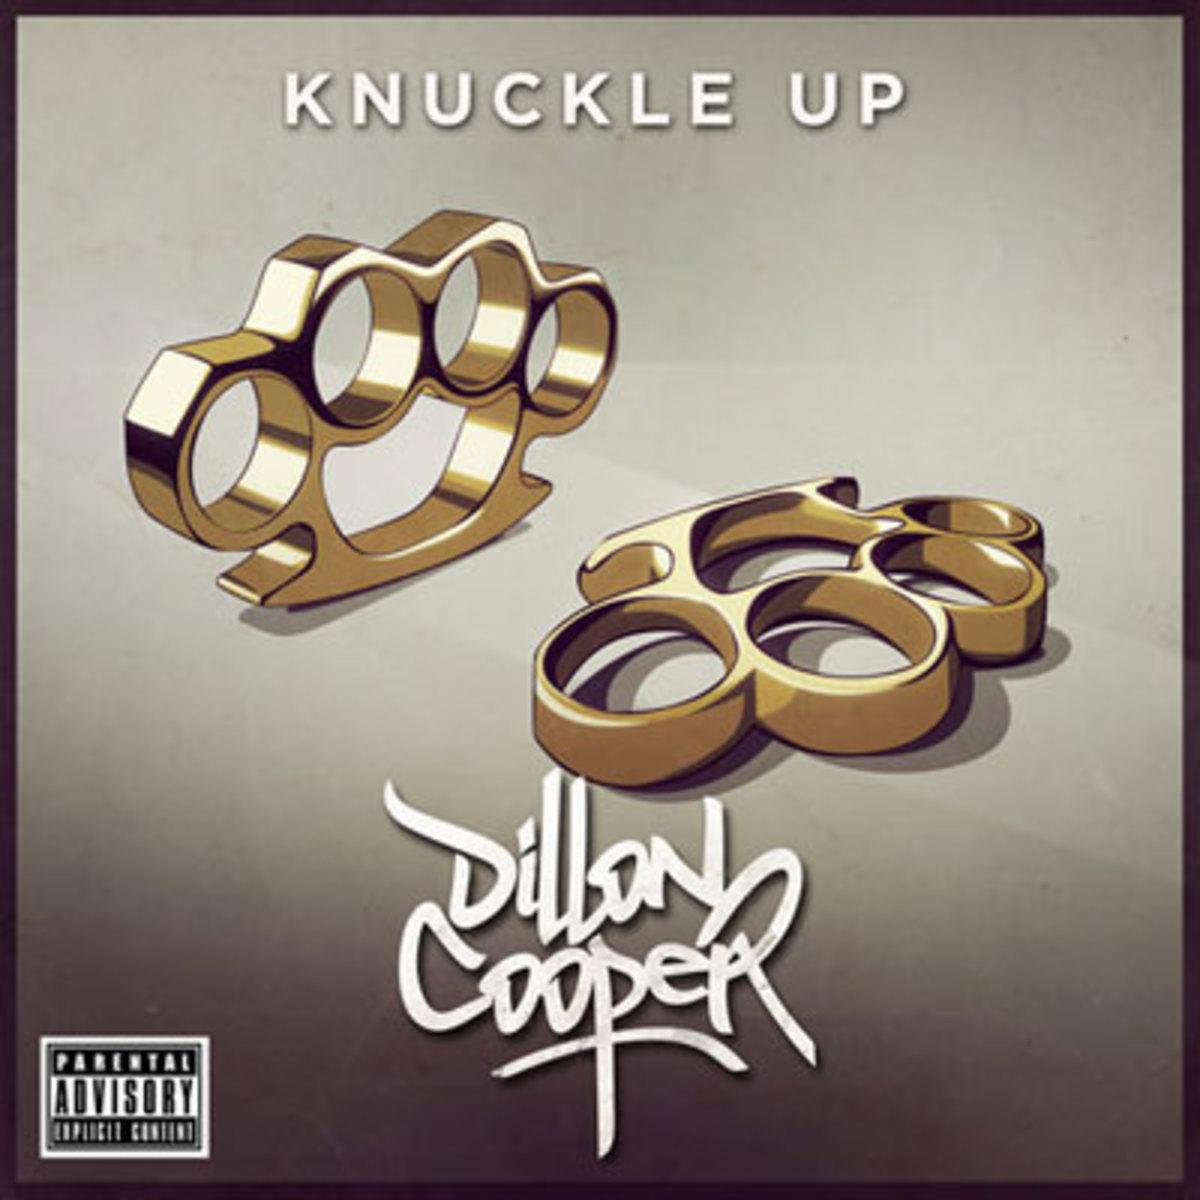 dilloncooper-knuckleup.jpg